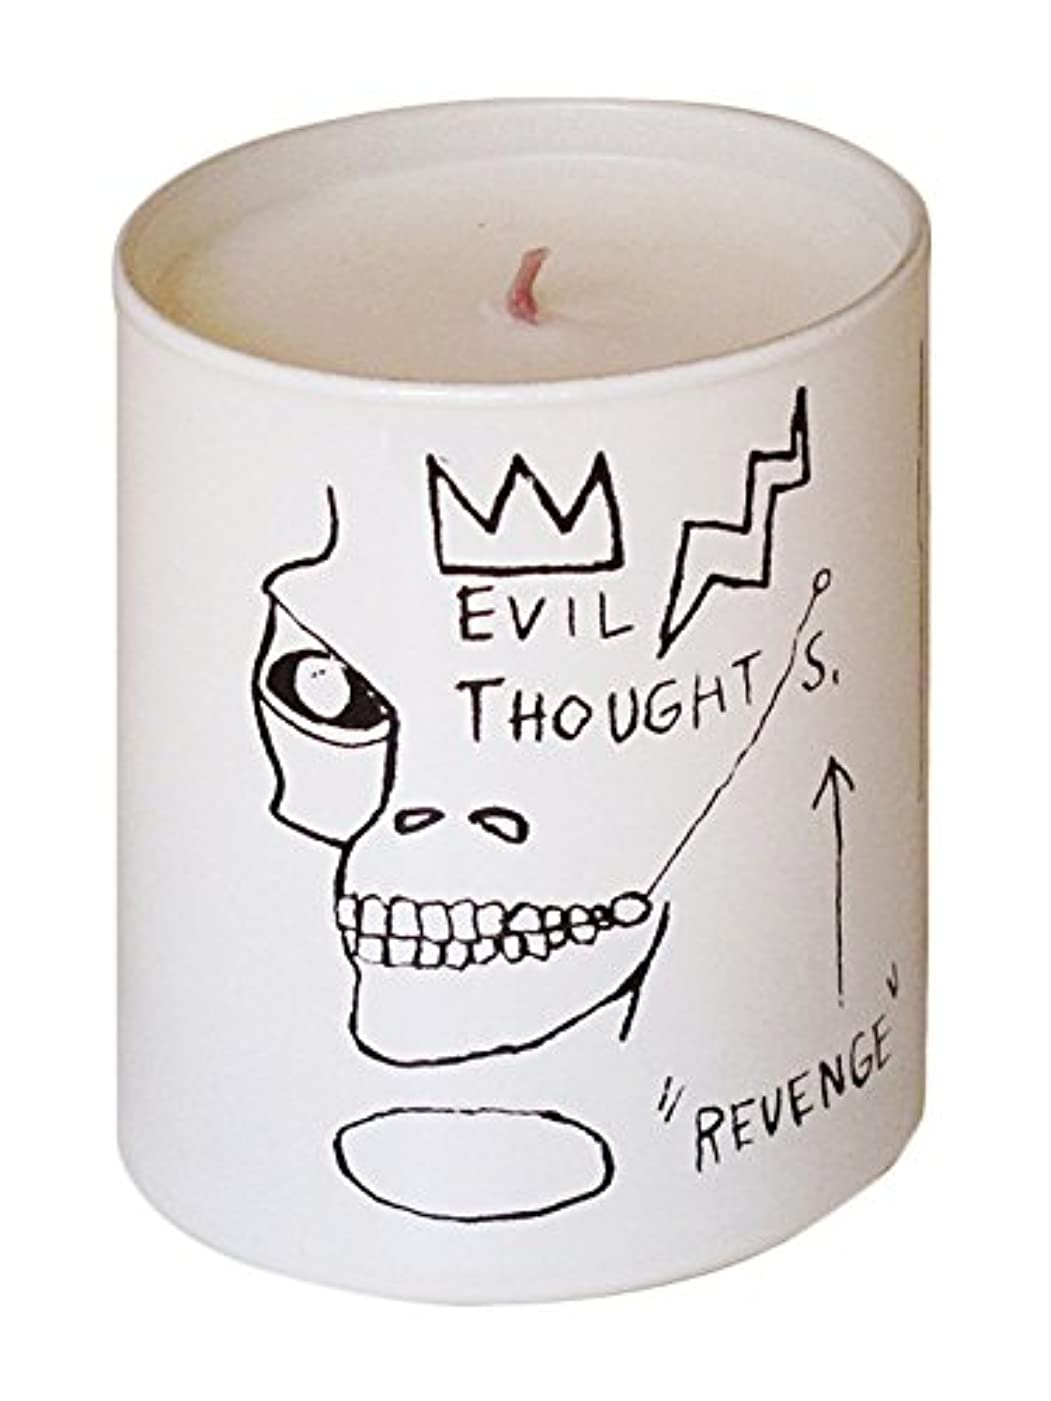 添加掃く問い合わせるジャン ミシェル バスキア リベンジ キャンドル(Jean-Michael Basquiat Perfumed Candle